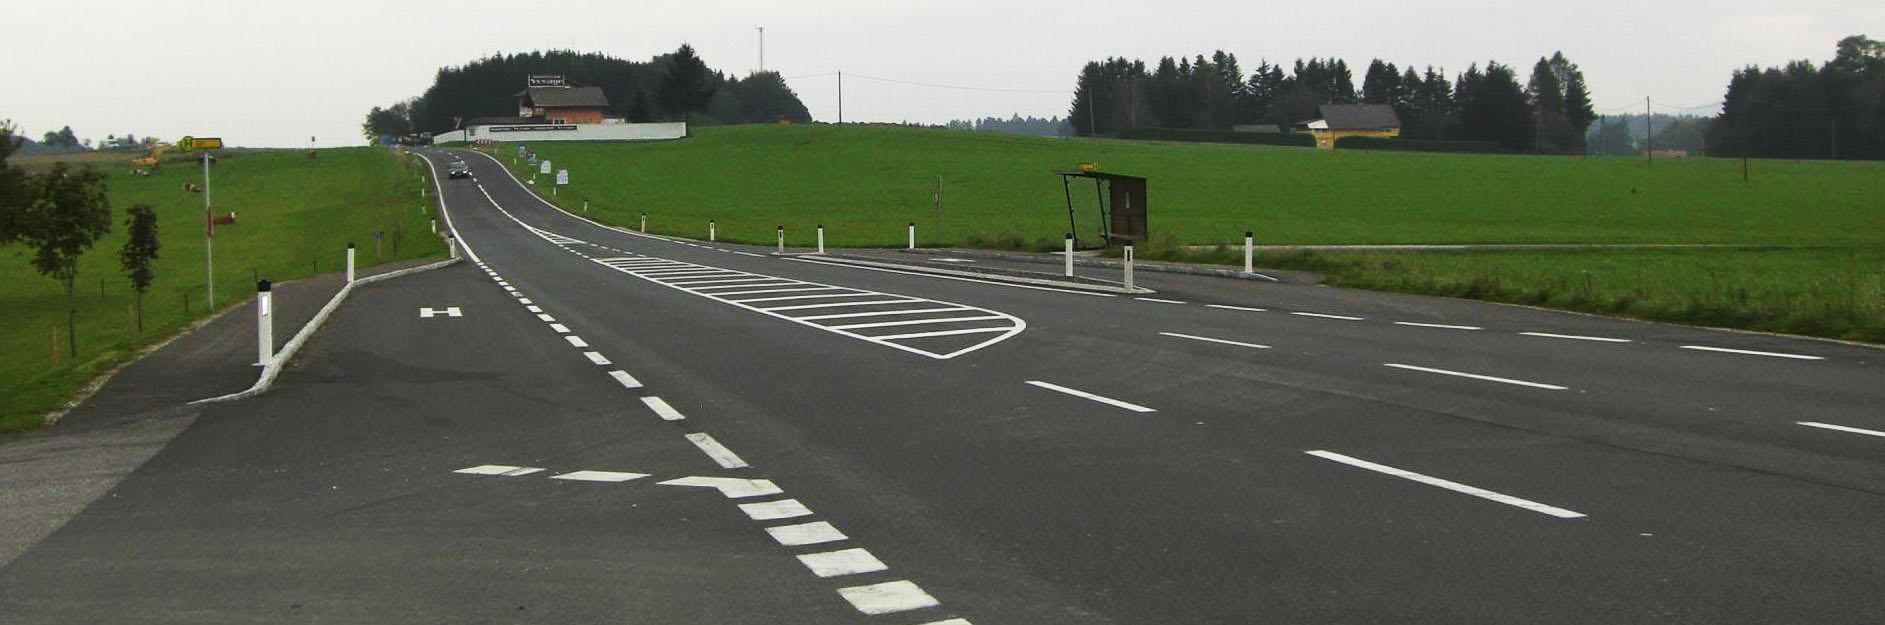 fertiger Straßenabschnitt mit abbiege Spur und Beschleunigungsstreifen